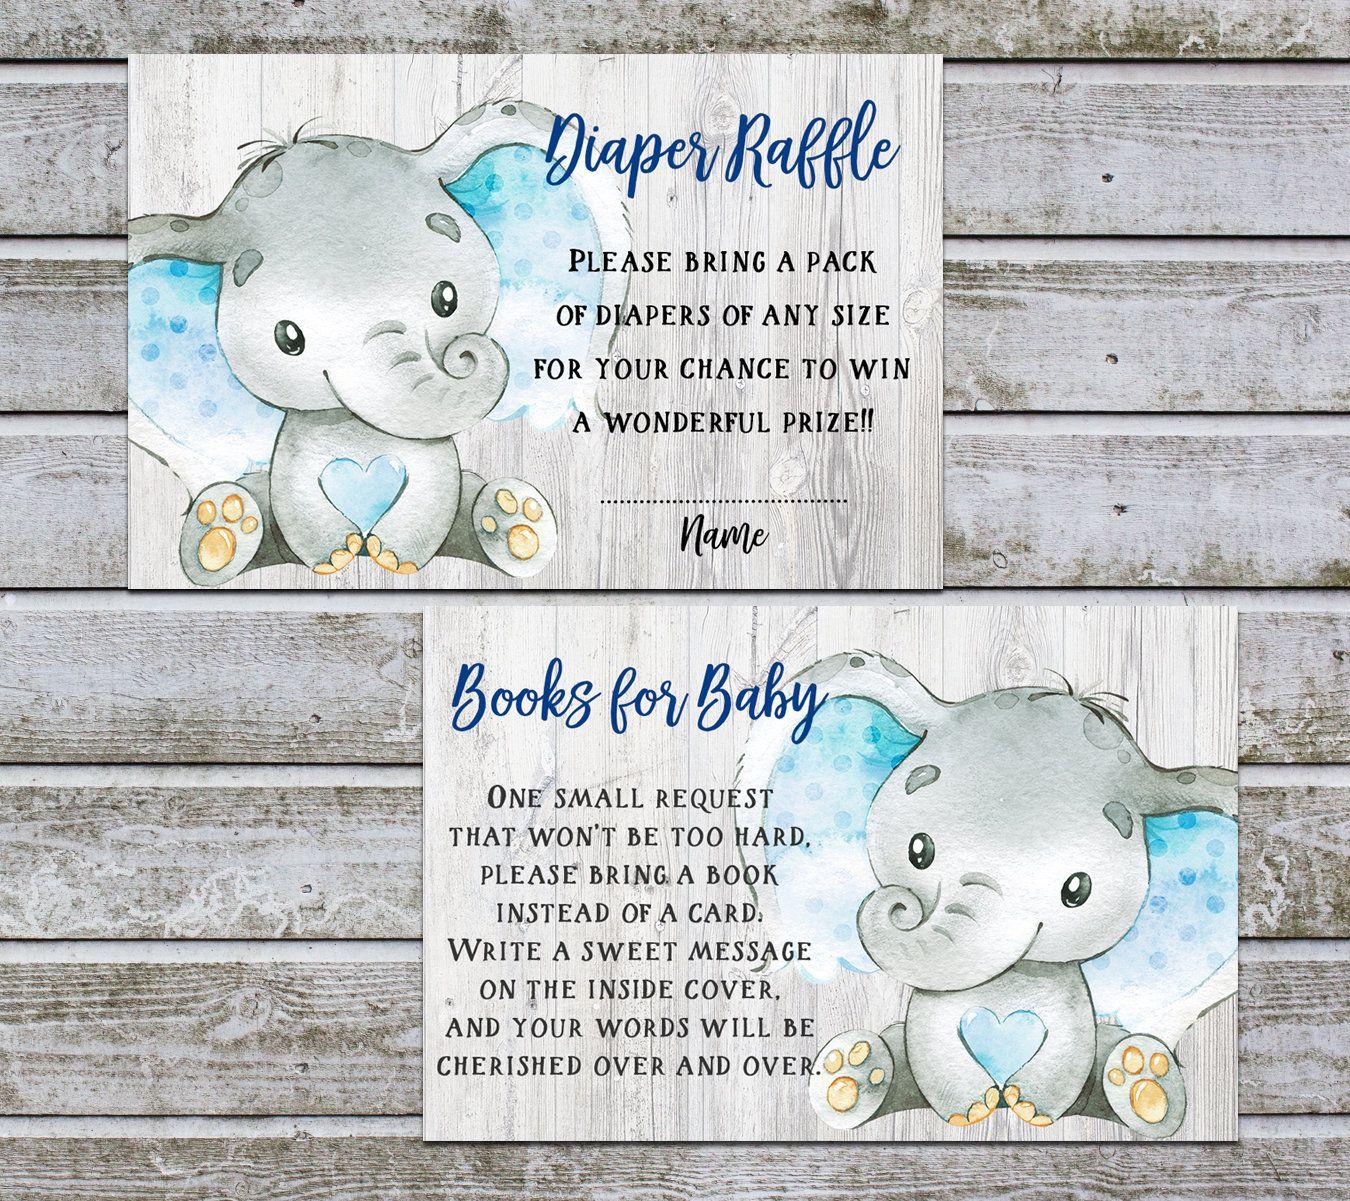 Bring a book instead of a card book request diaper